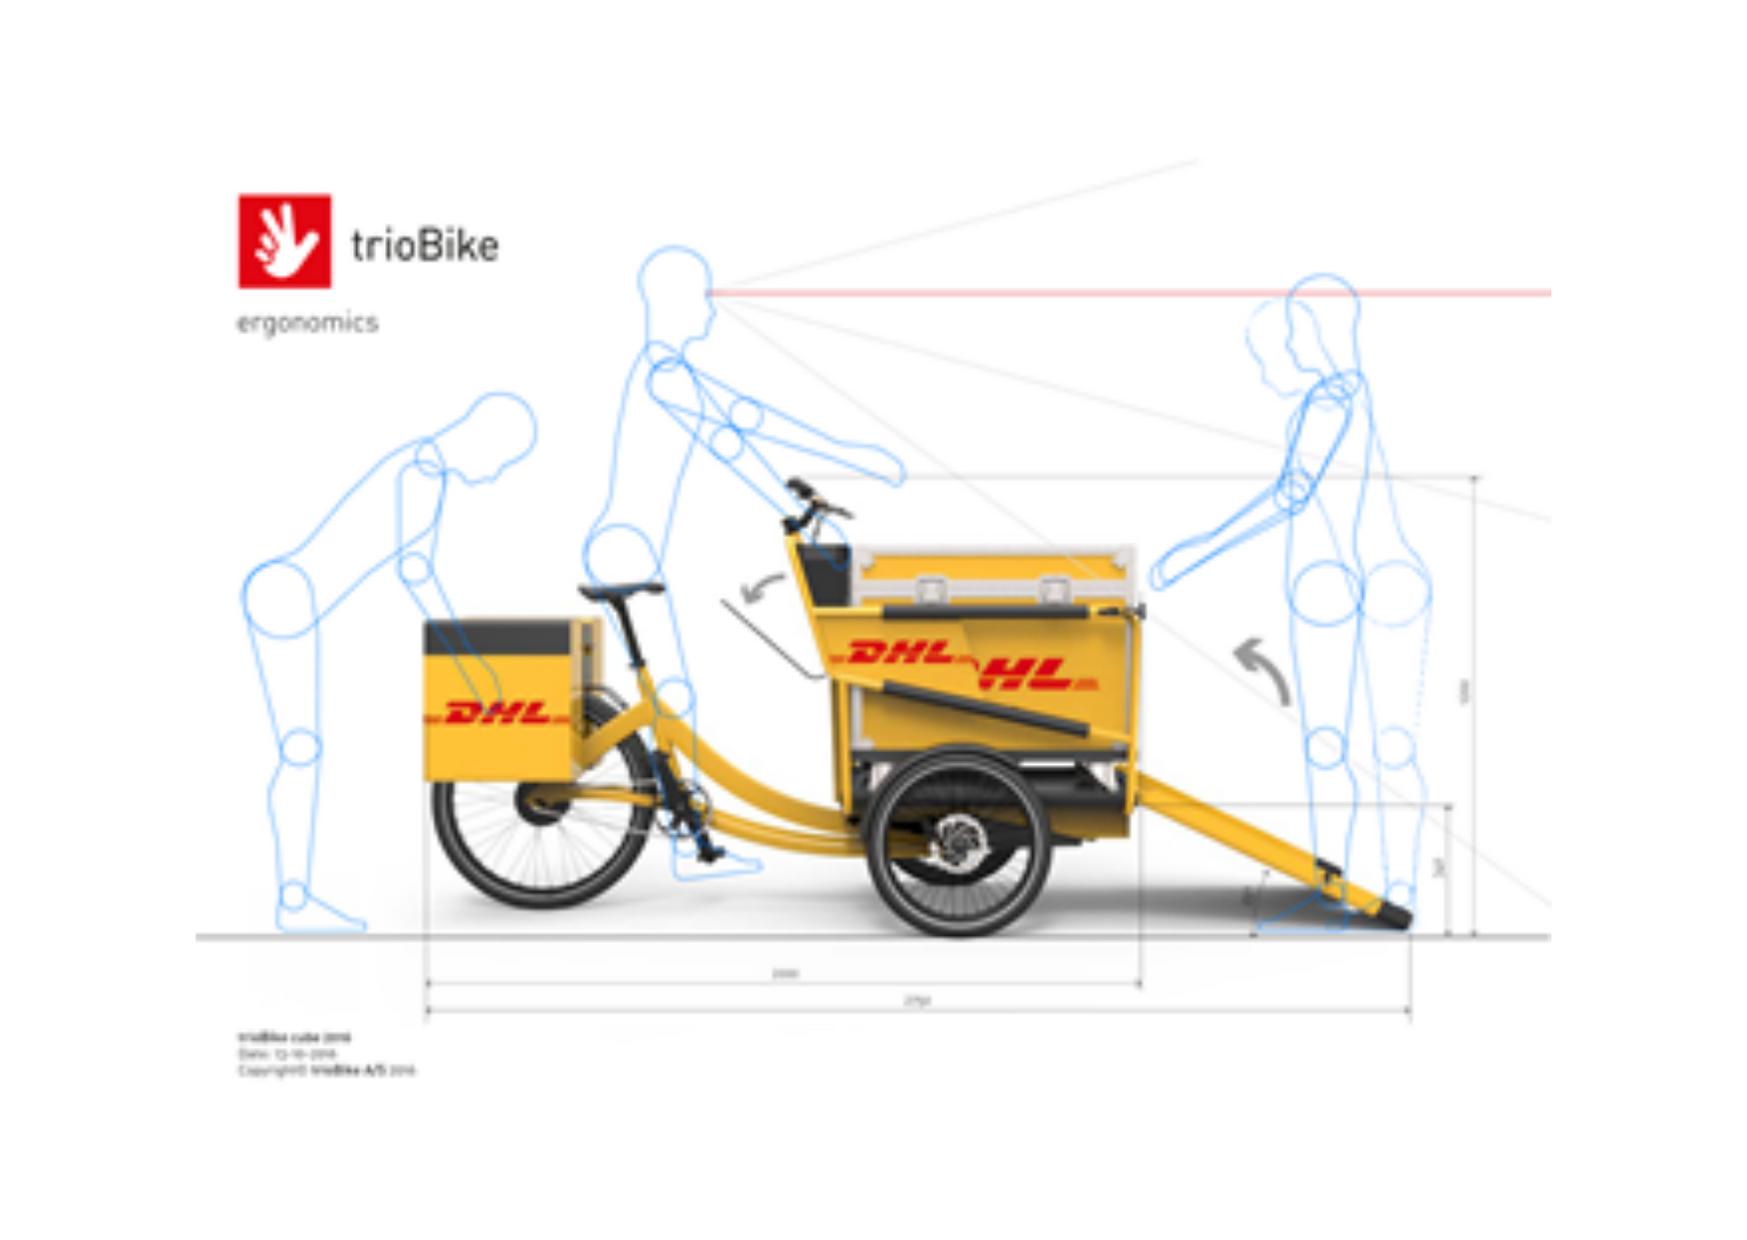 vélo logistique logoté DHL